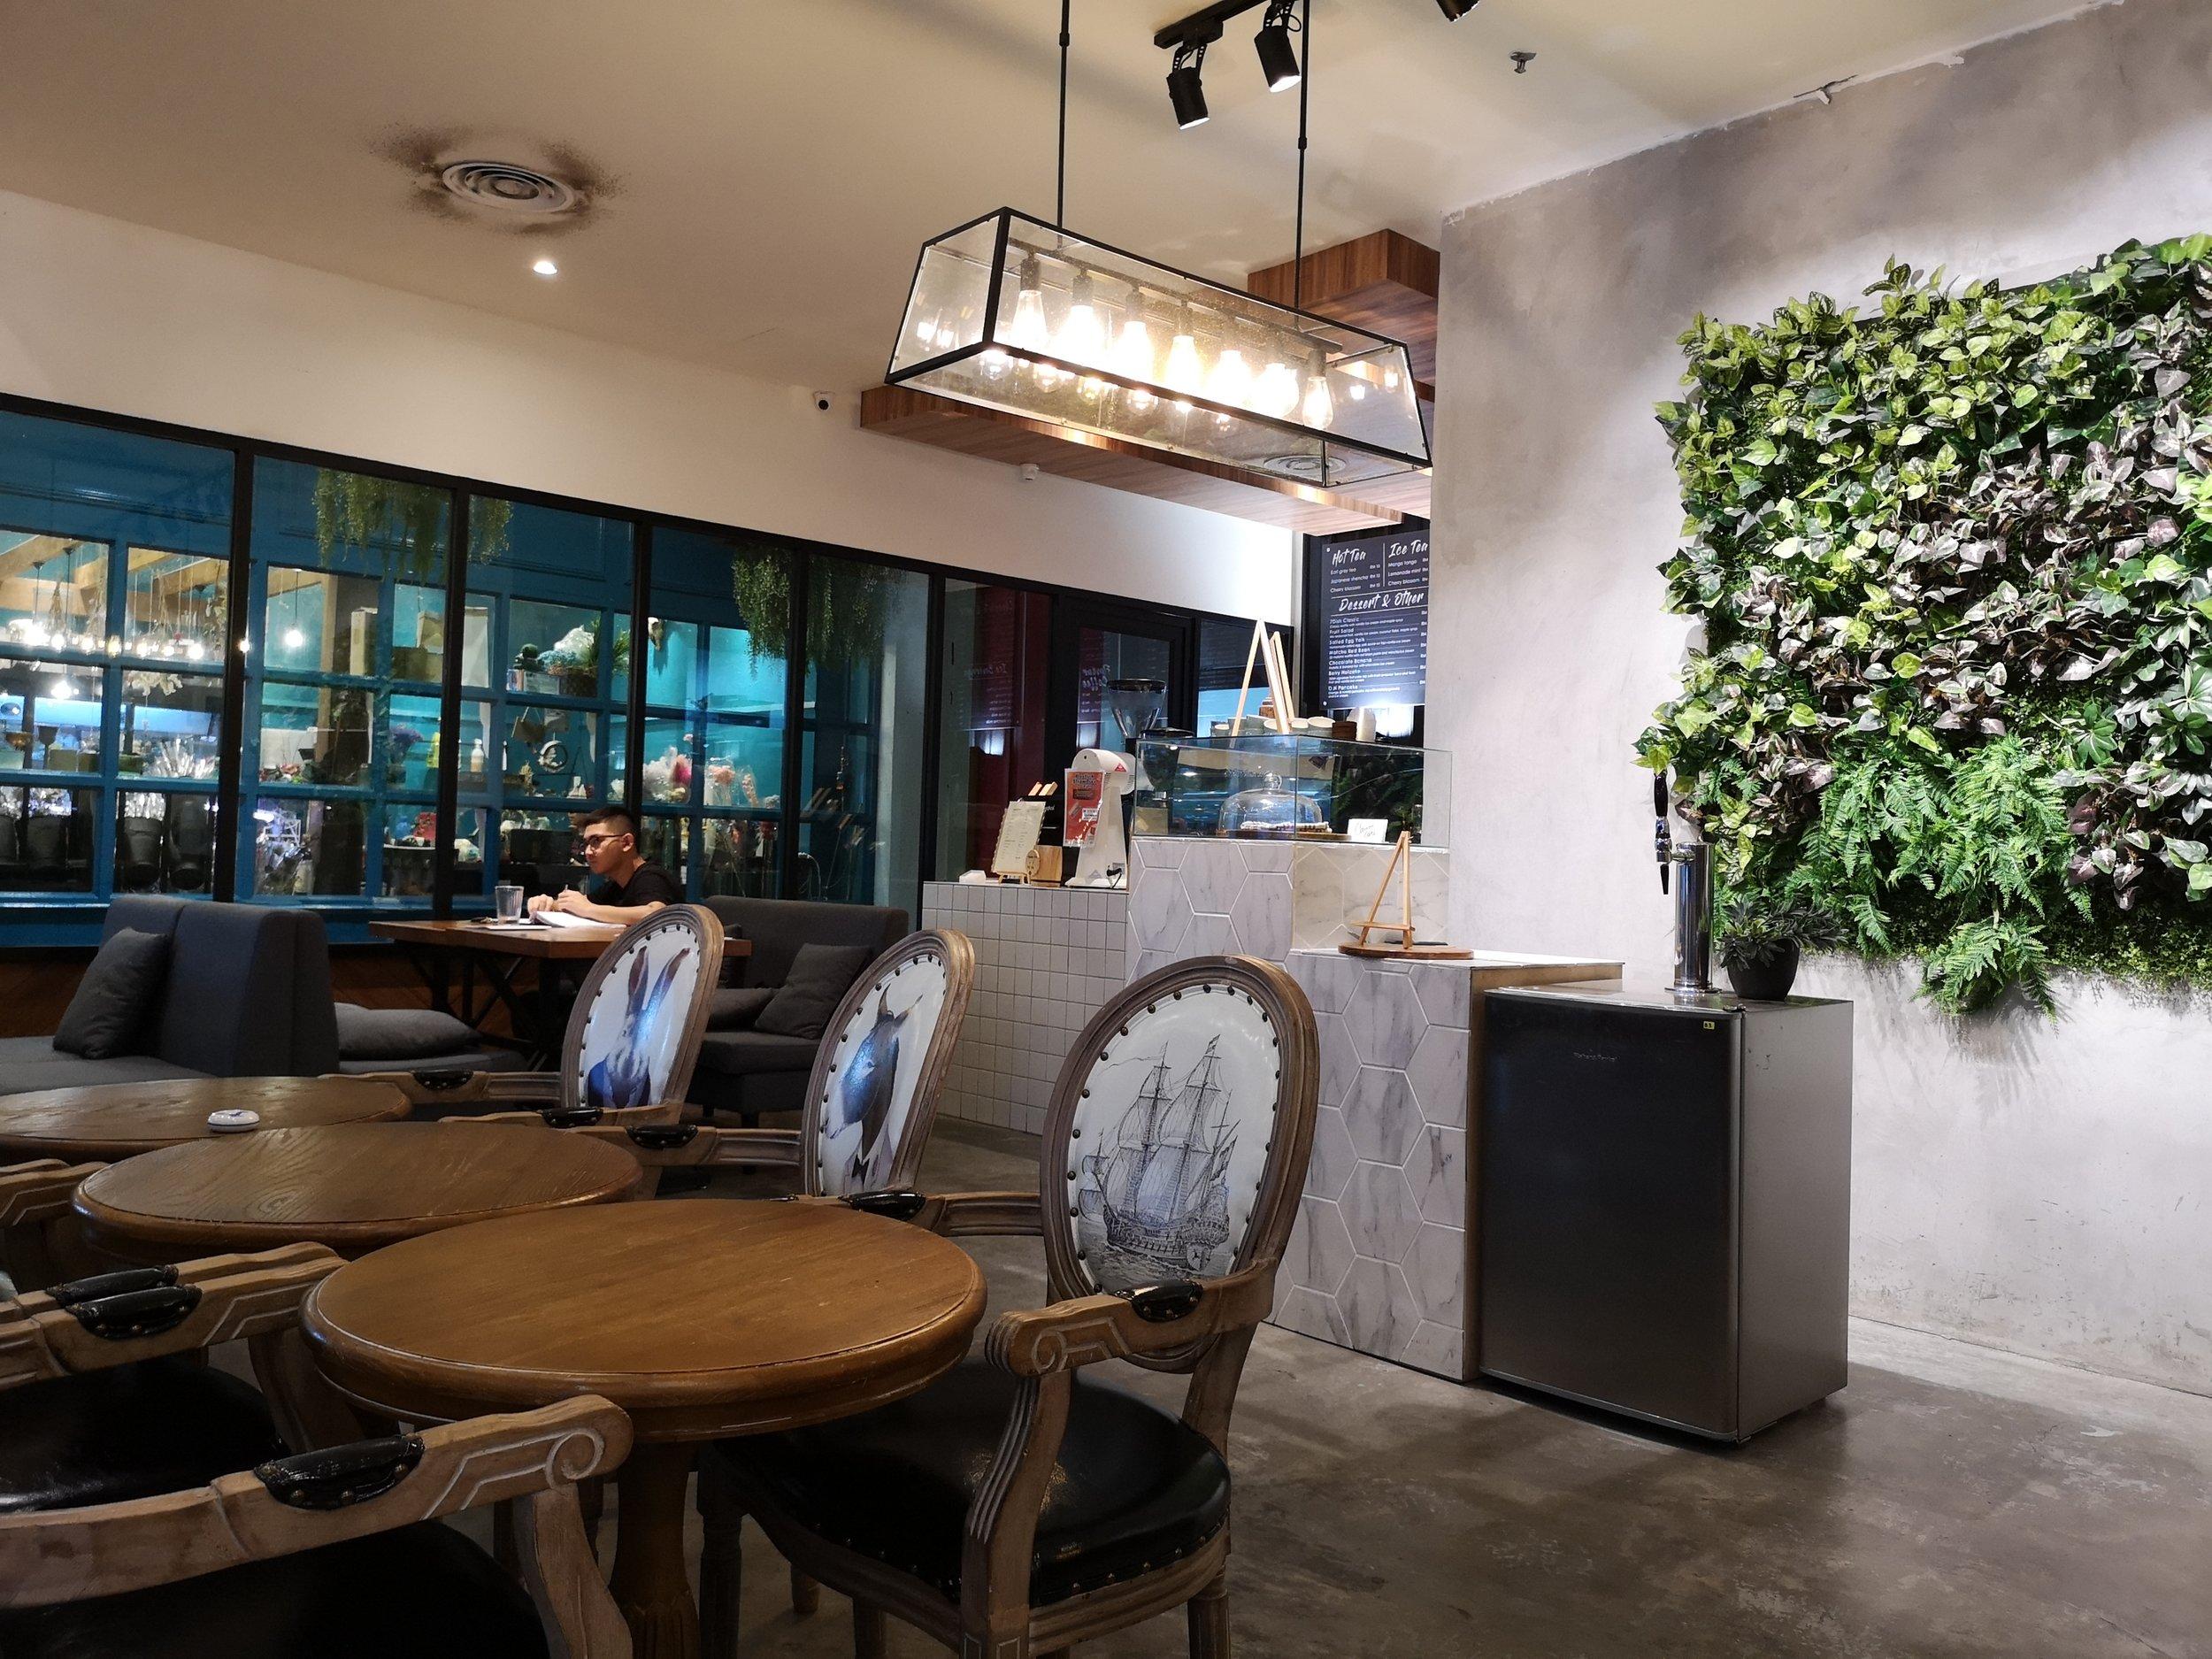 7Dish Cafe Taman Sutera